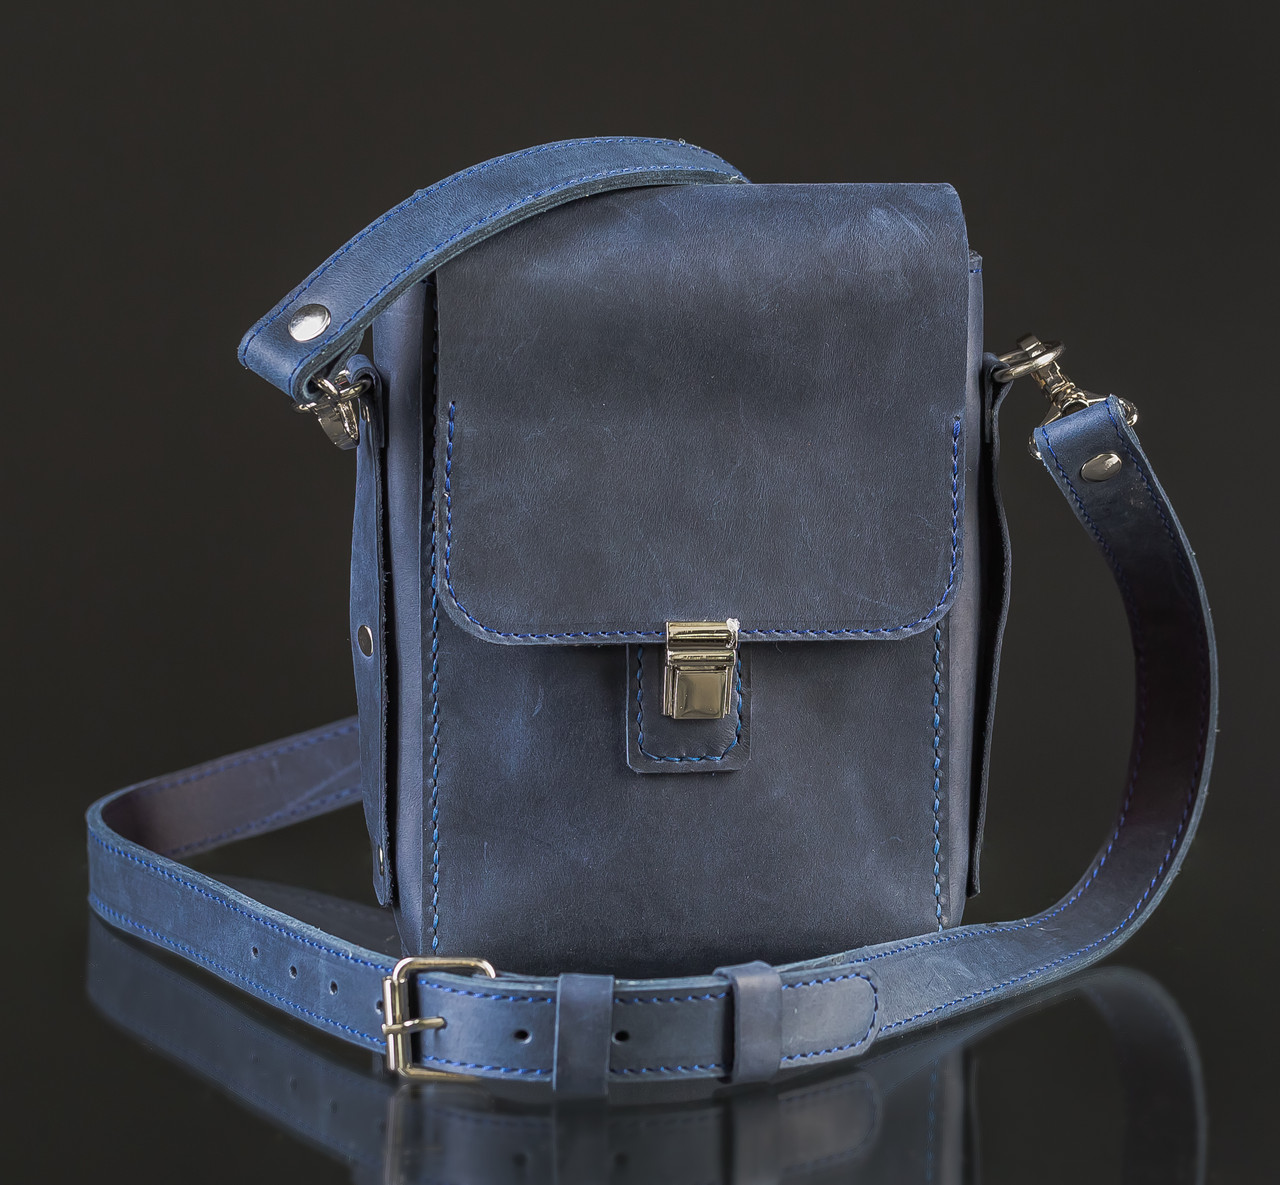 f251a451dace Кожаная мужская сумка Praktik | Винтажный Синий - Sollomia -  интернет-магазин кожаных изделий ручной